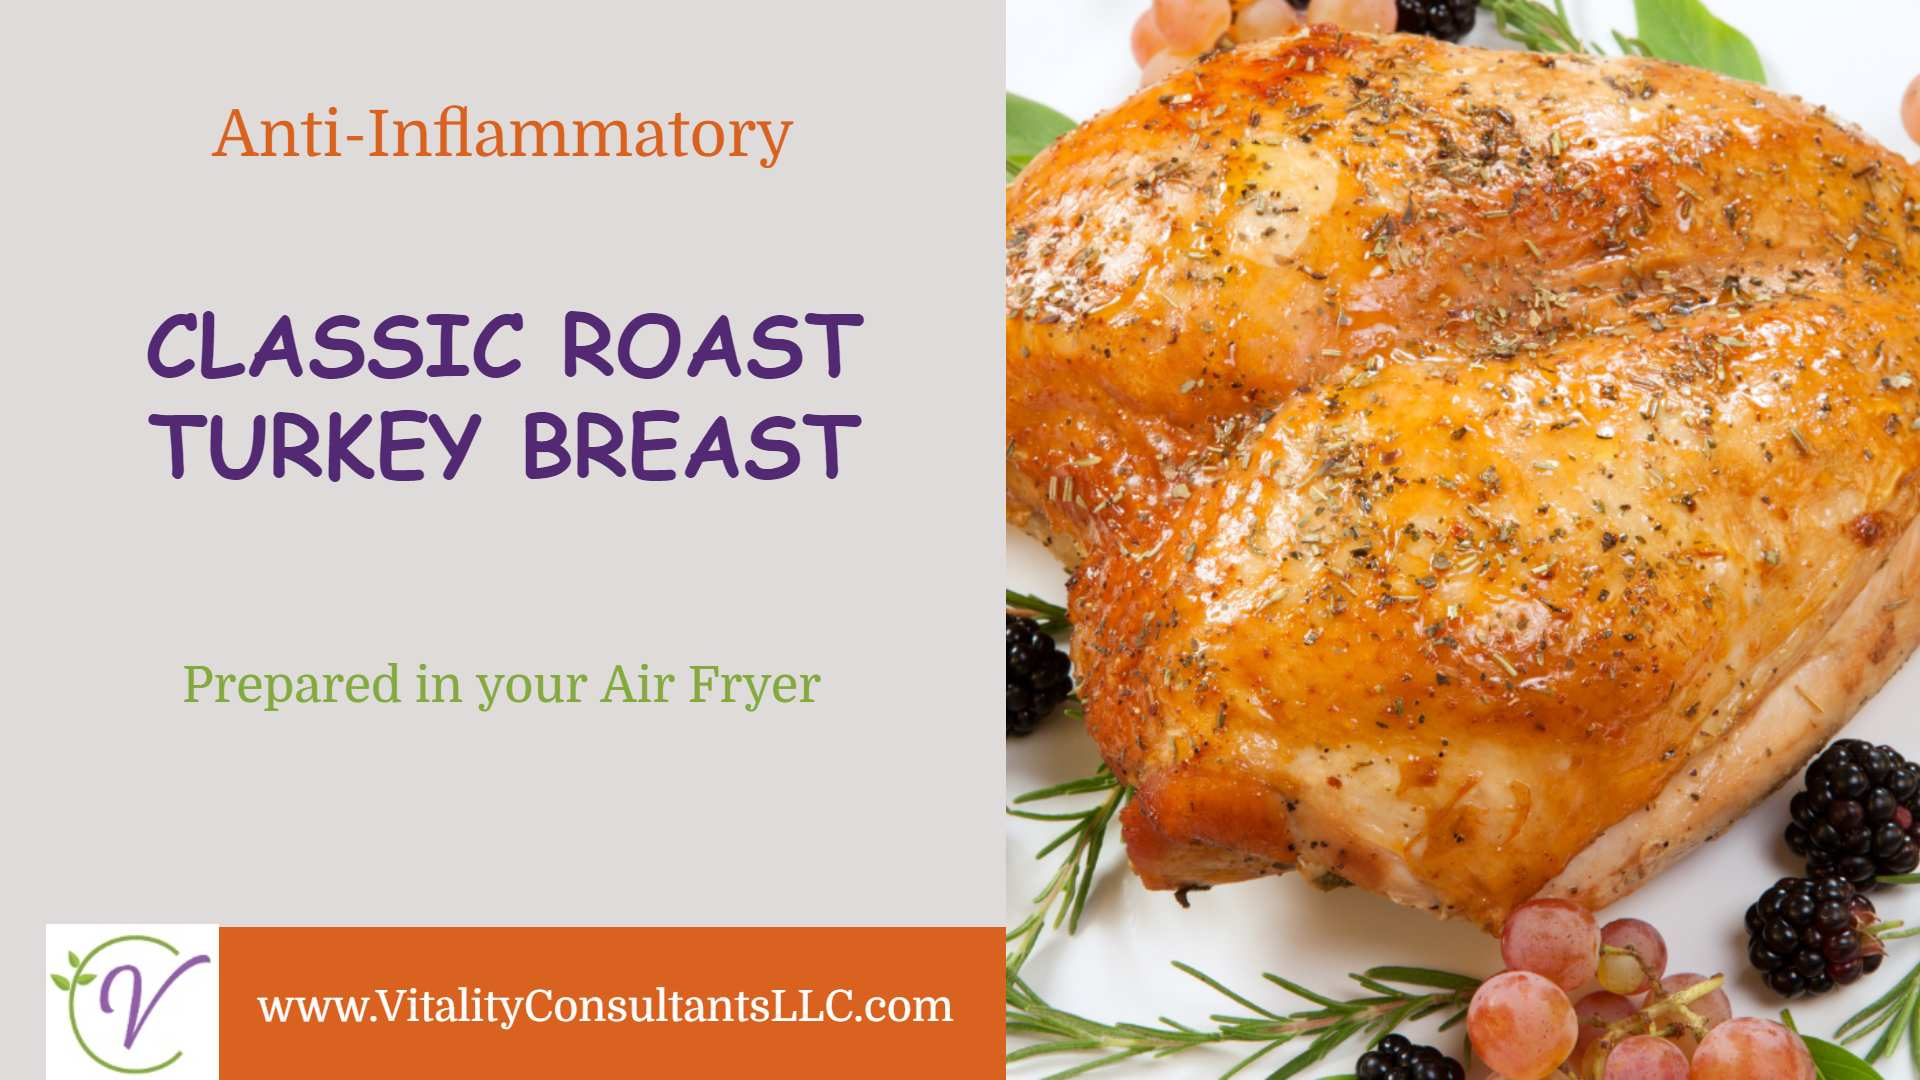 Classic Roast Turkey Breast